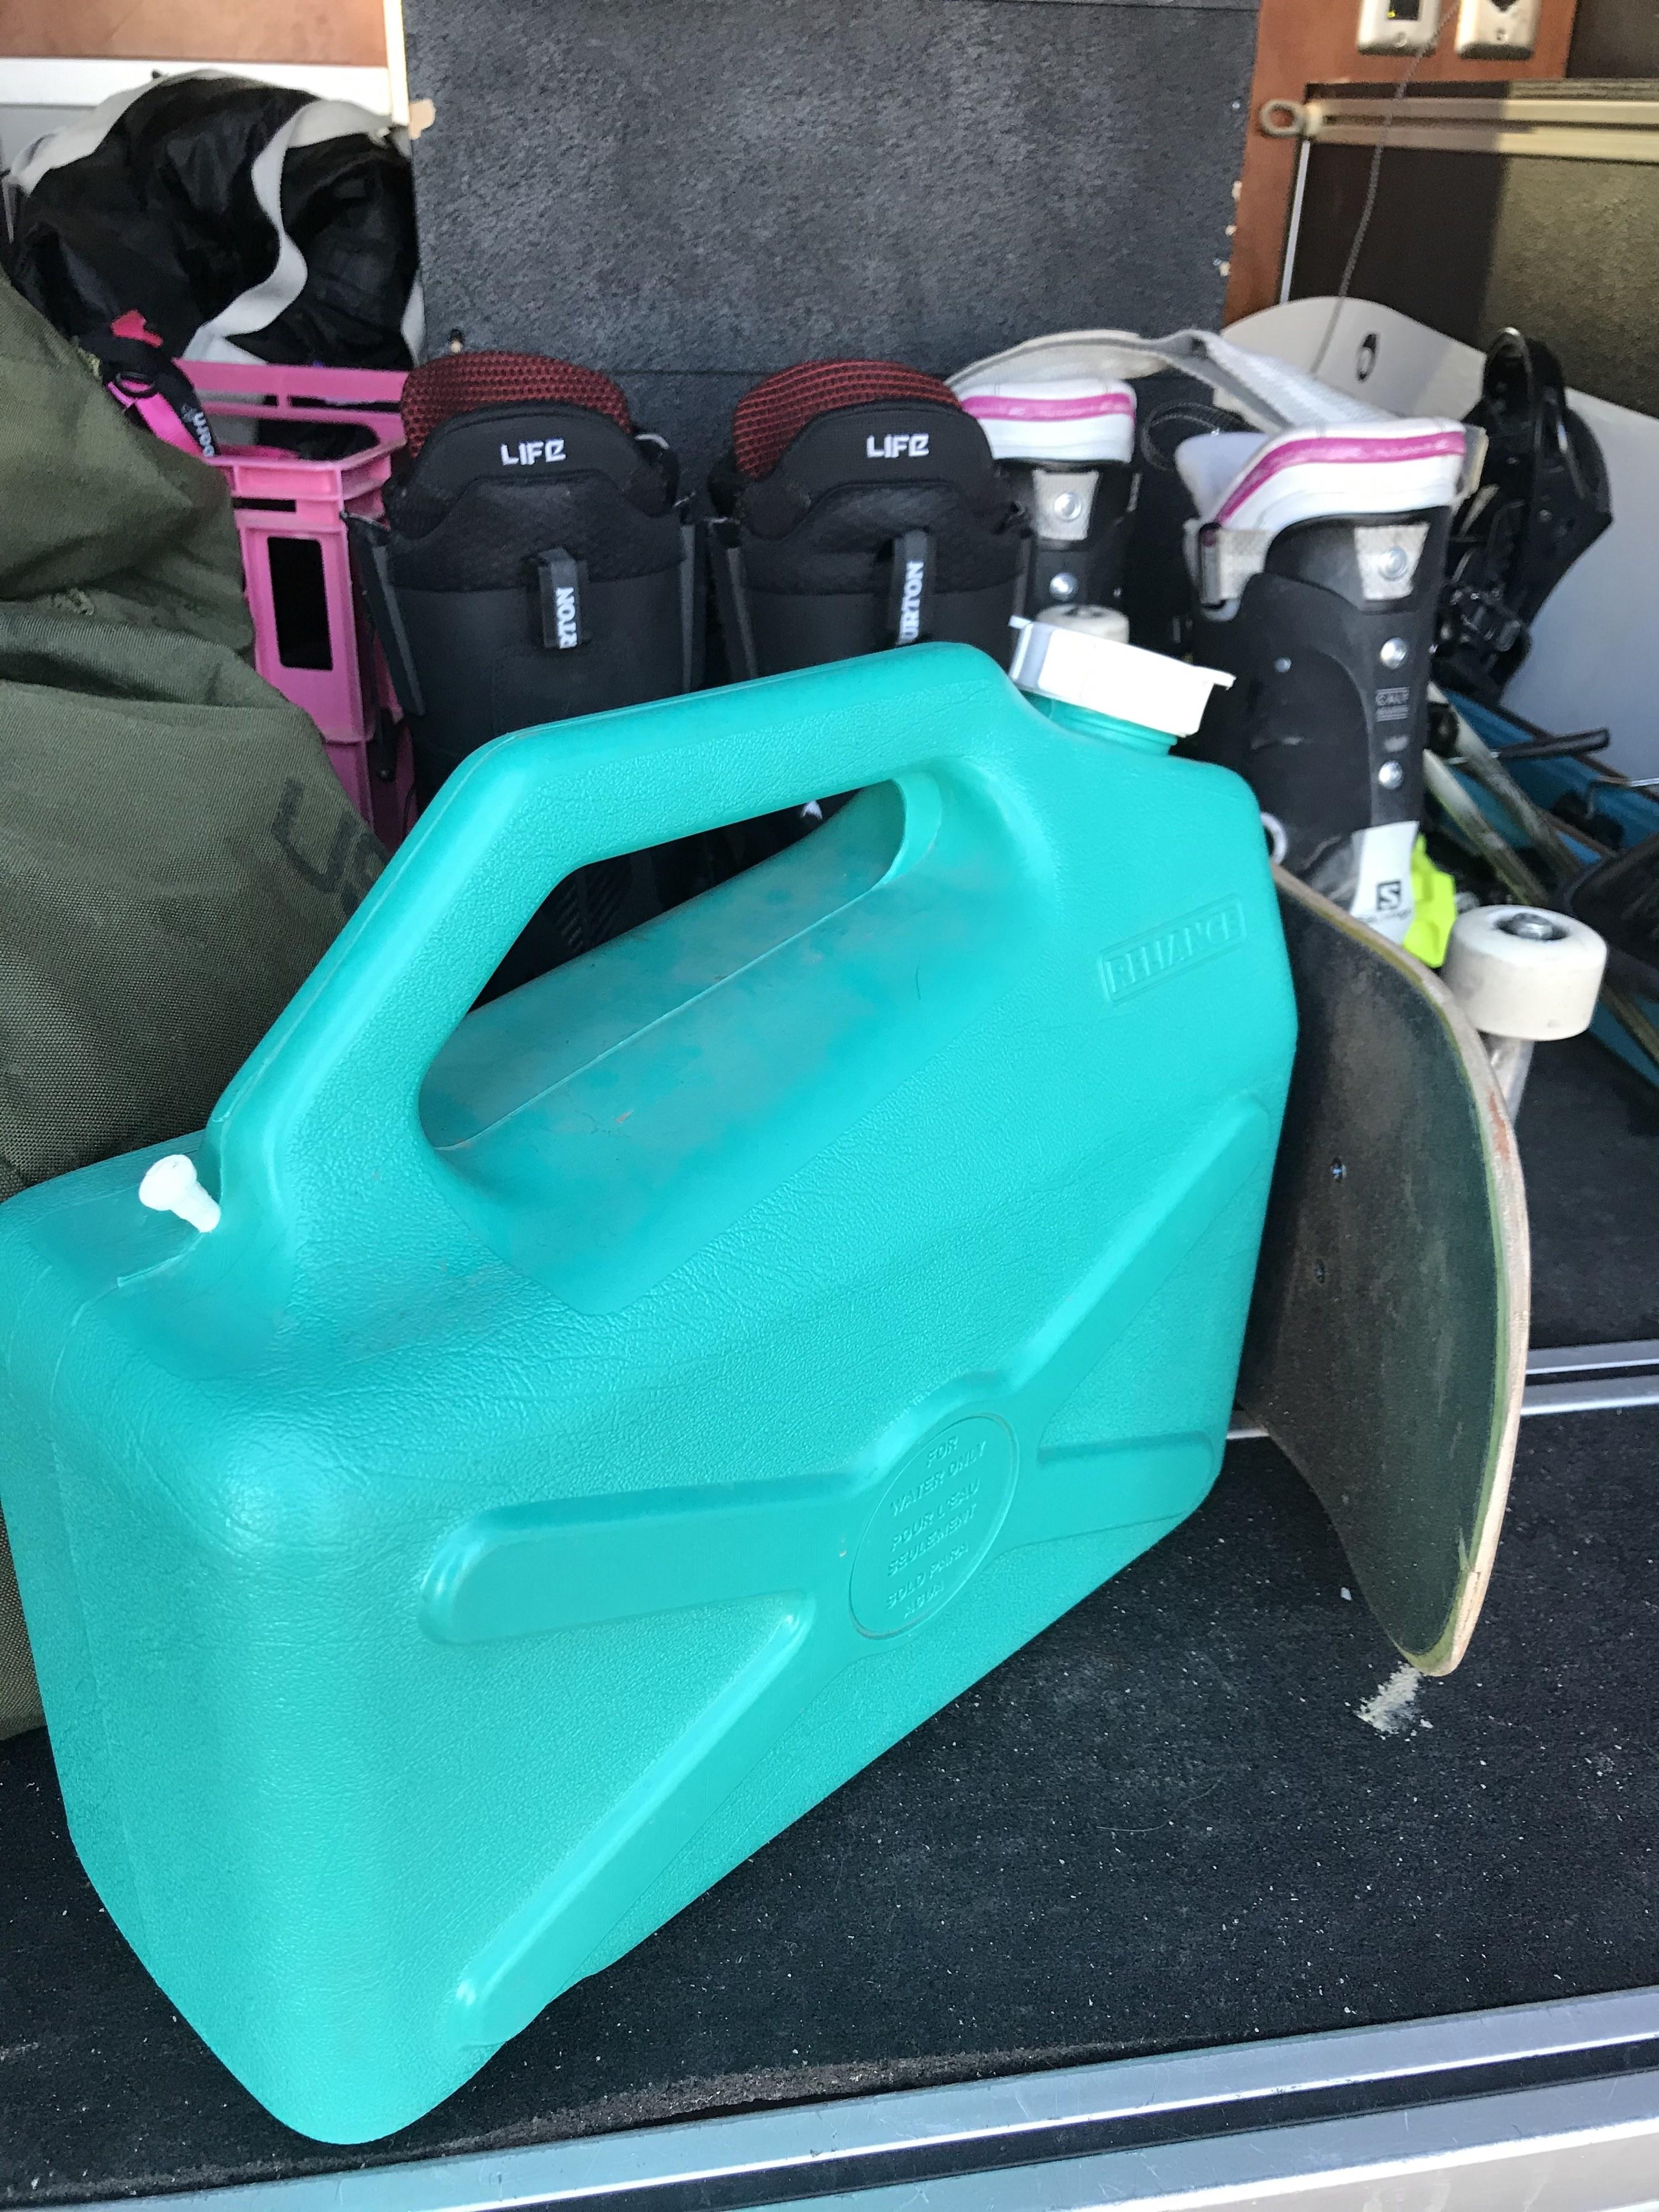 Bright green jug of water